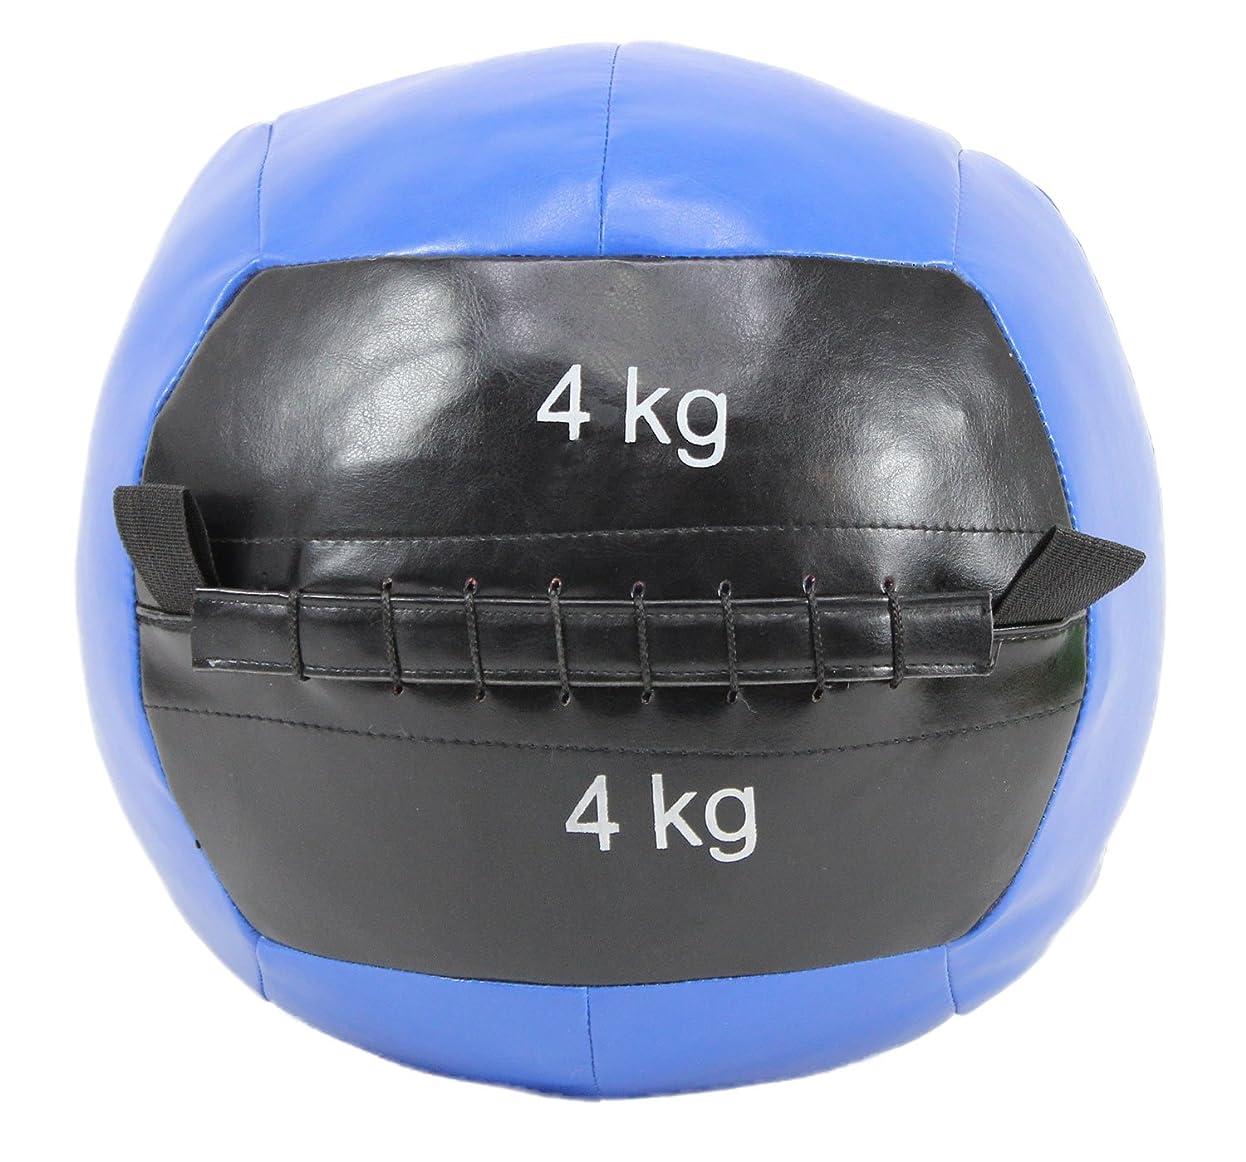 通り抜けるカテナ残忍なメディシンボール ソフト ウォールボール 体幹 トレーニング 筋トレ